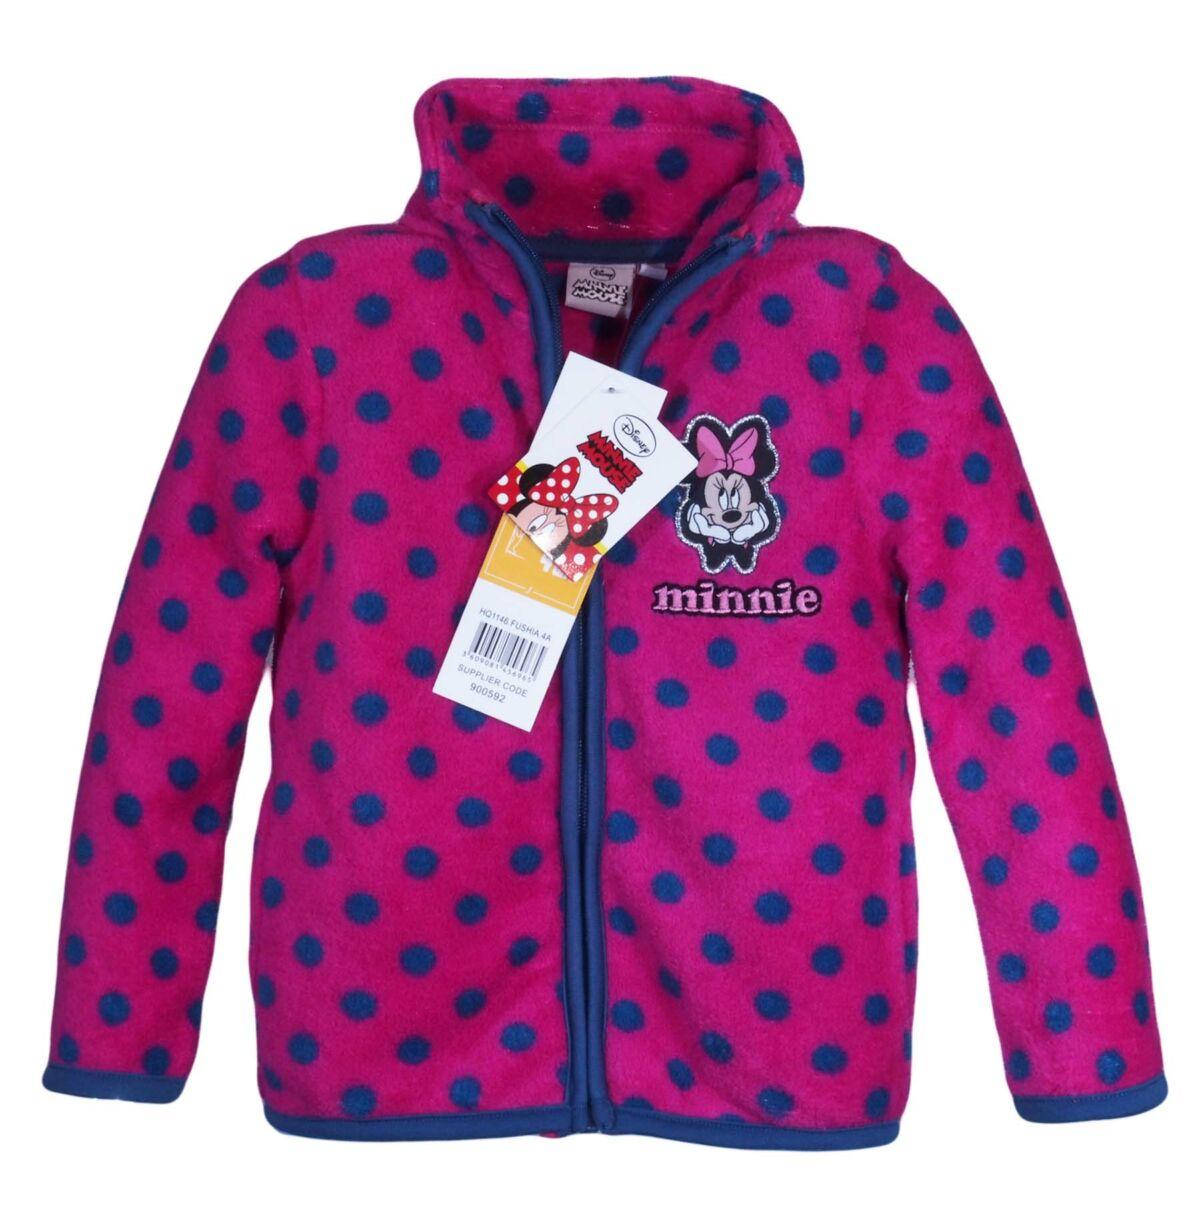 Minnie rózsaszín polár pulcsi 8afee064f0